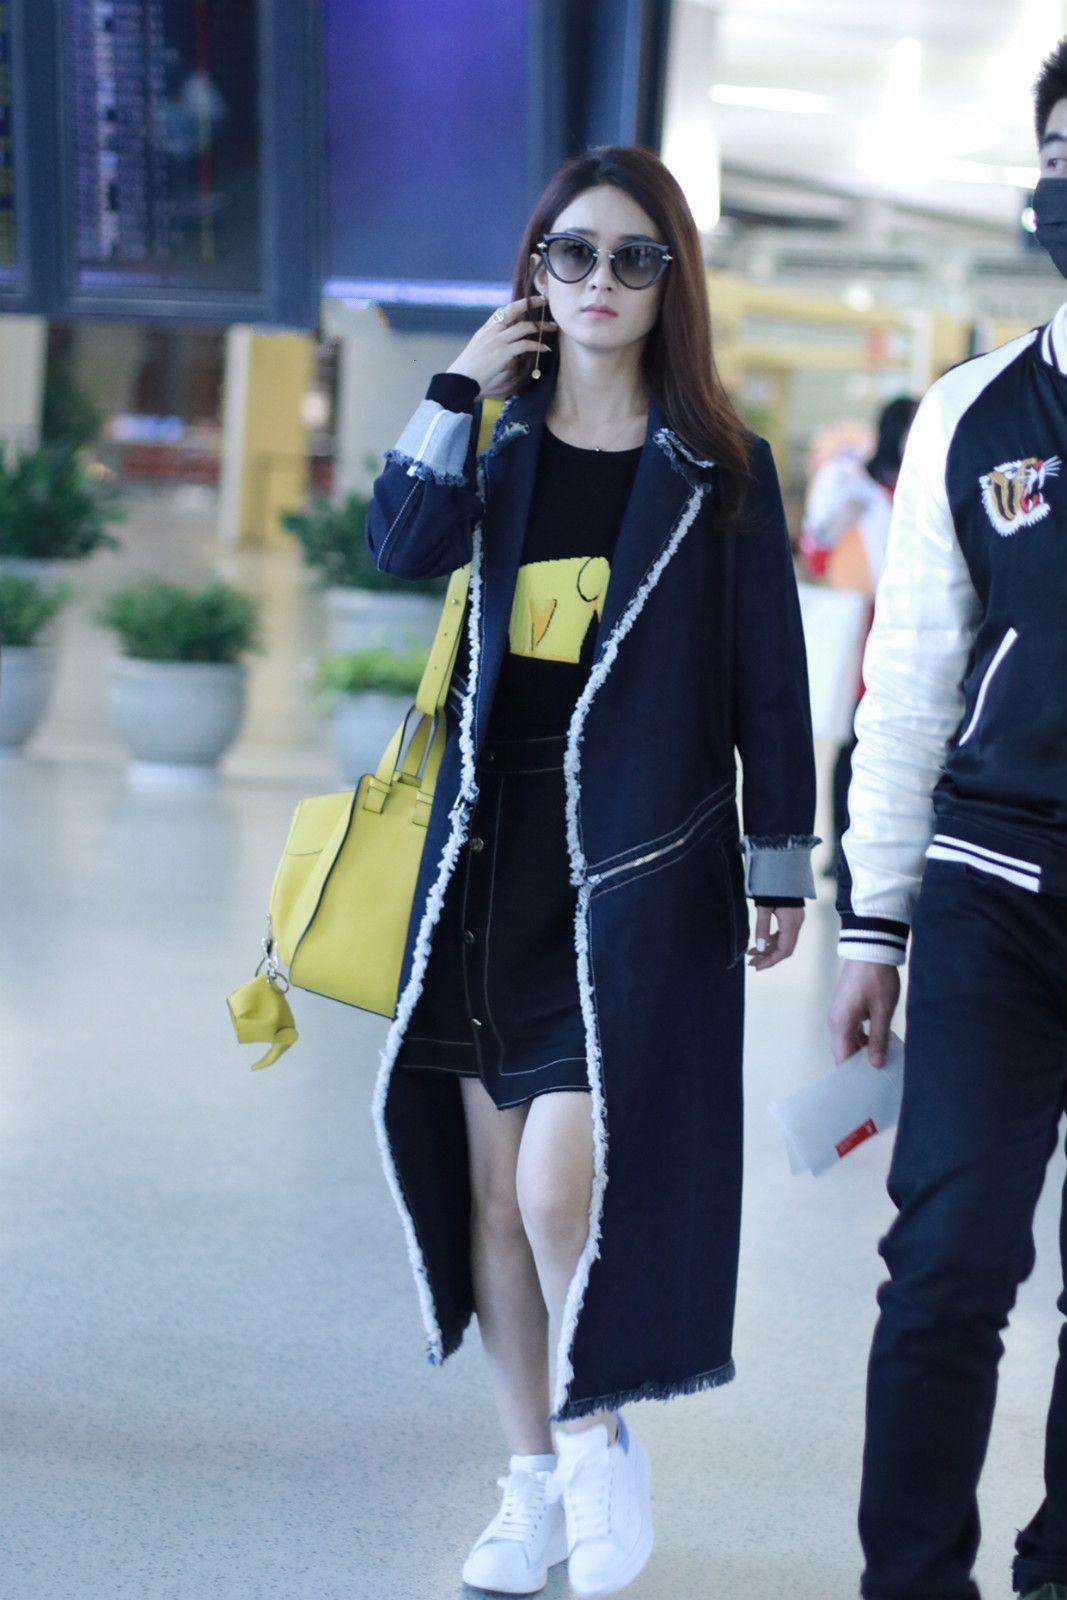 赵丽颖过膝外套现身机场,网友:看着长高10公分